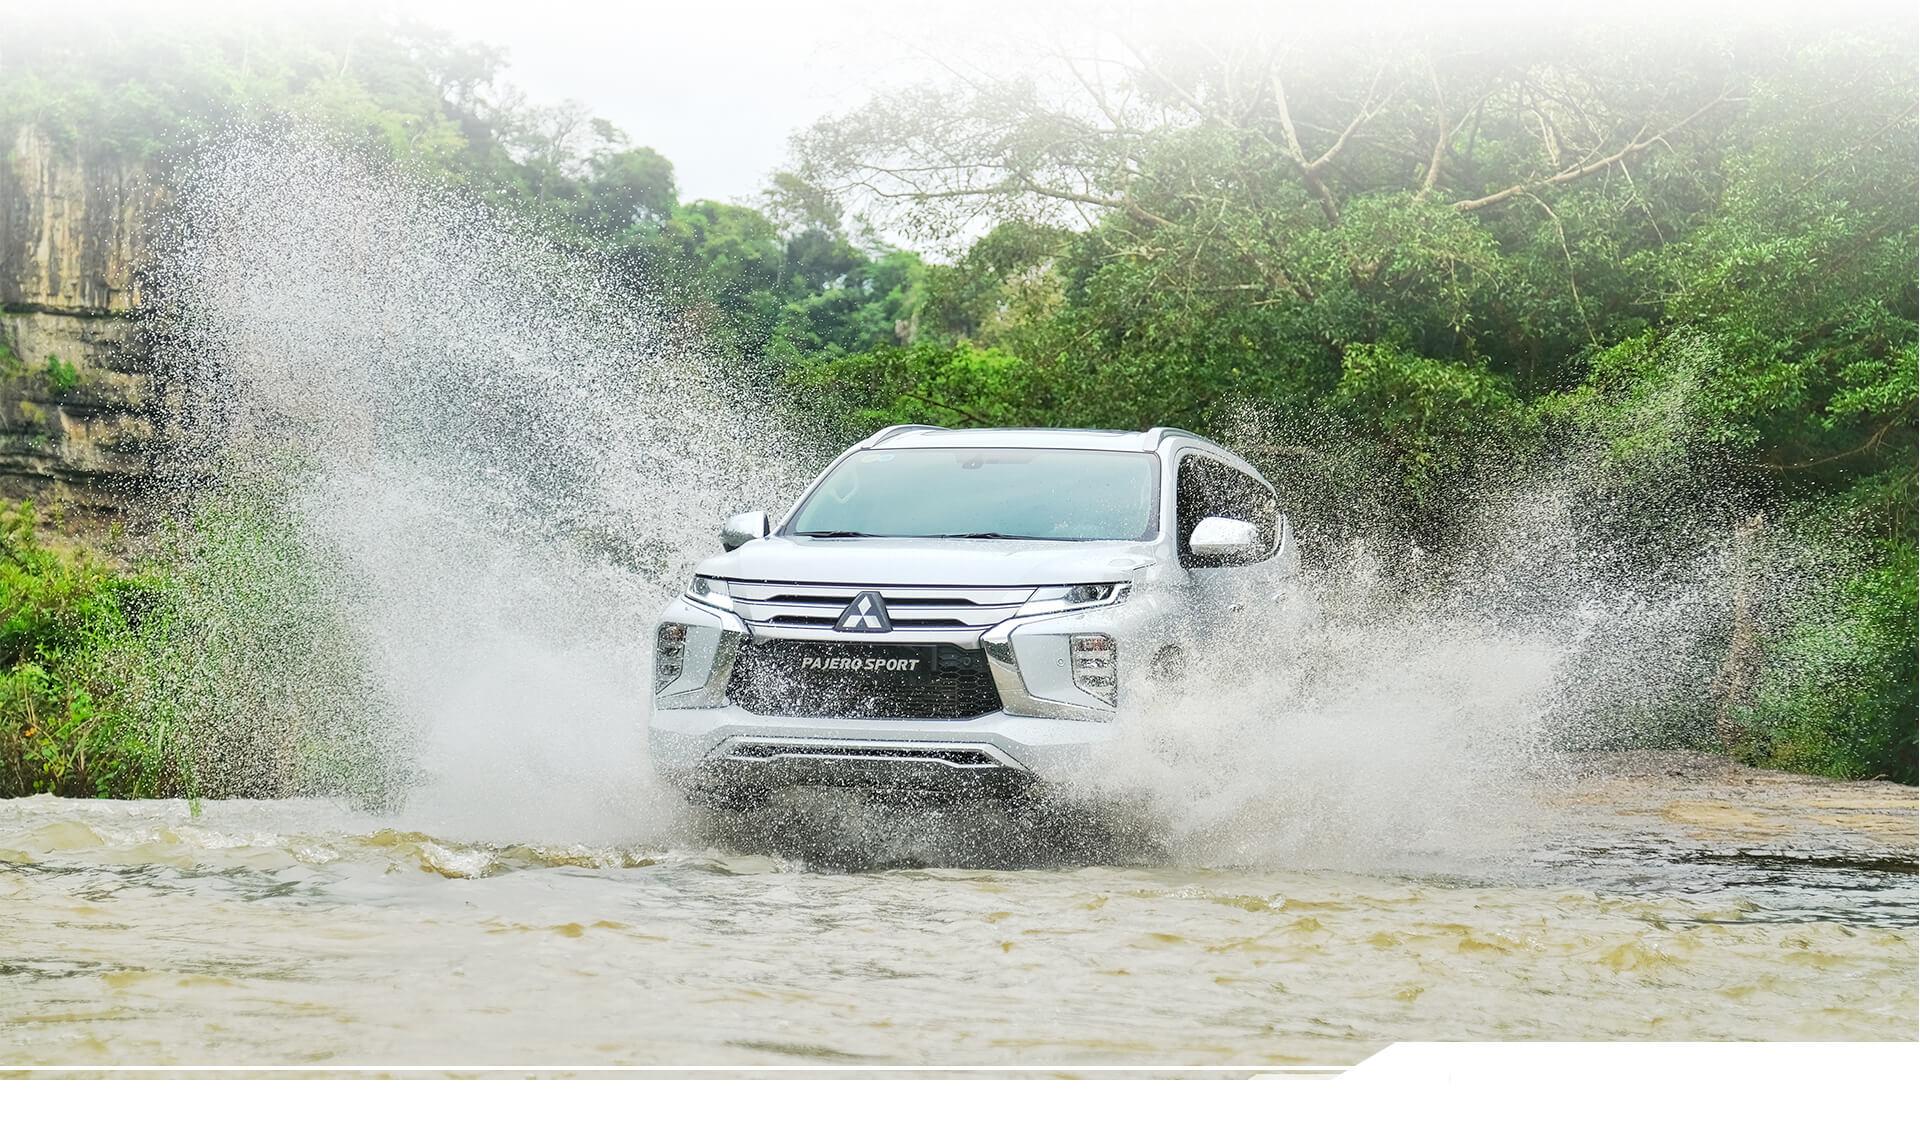 """Công cuộc """"Đập đi xây lại"""" của Mitsubishi Motor tại Việt Nam!"""